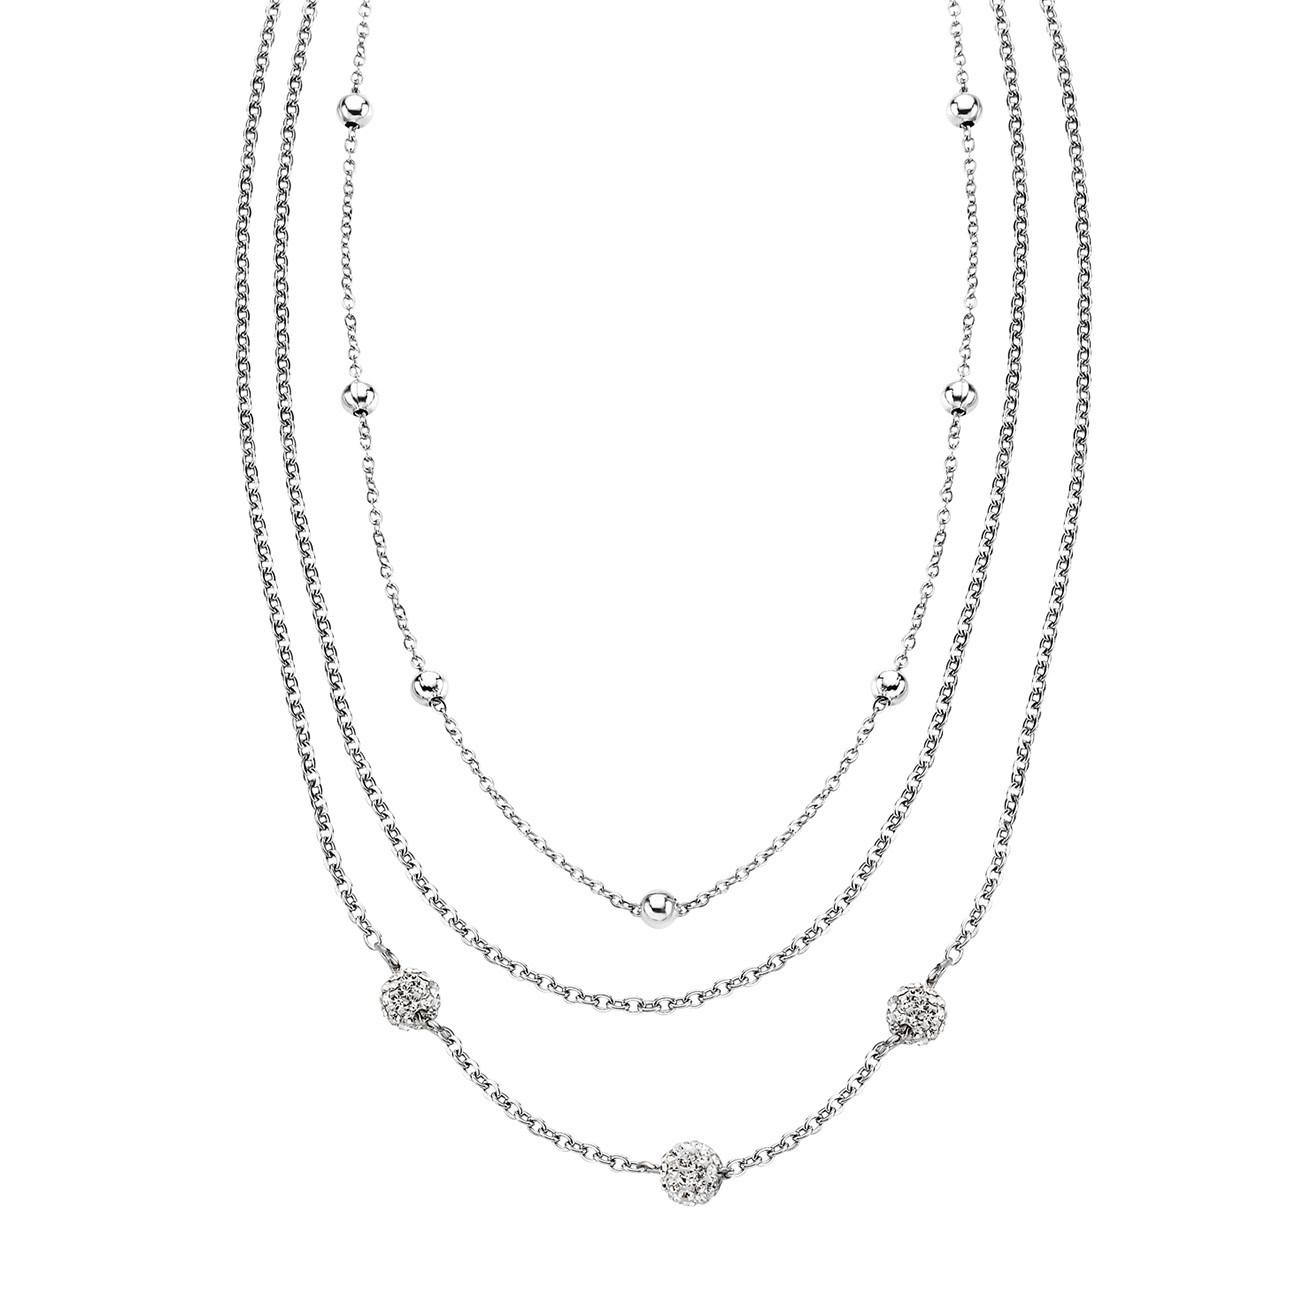 LOTUS Style Halskette Damen Edelstahl LS1776-1/1 Multilayer JLS1776-1-1